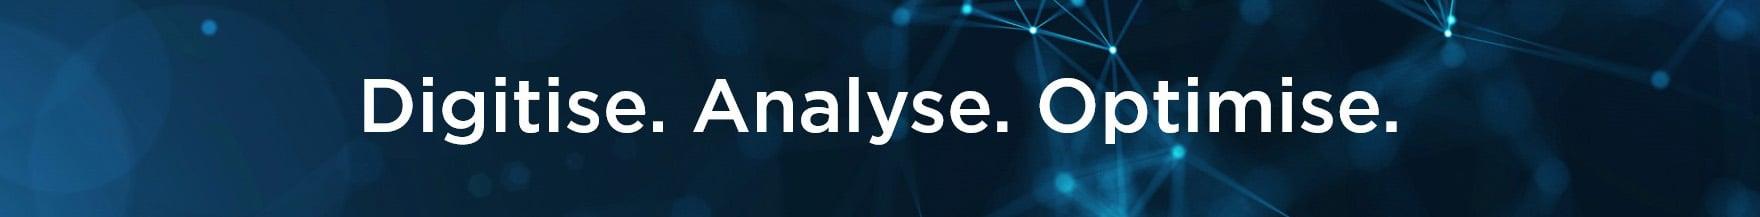 Digitise.Analyse.Optimise banner